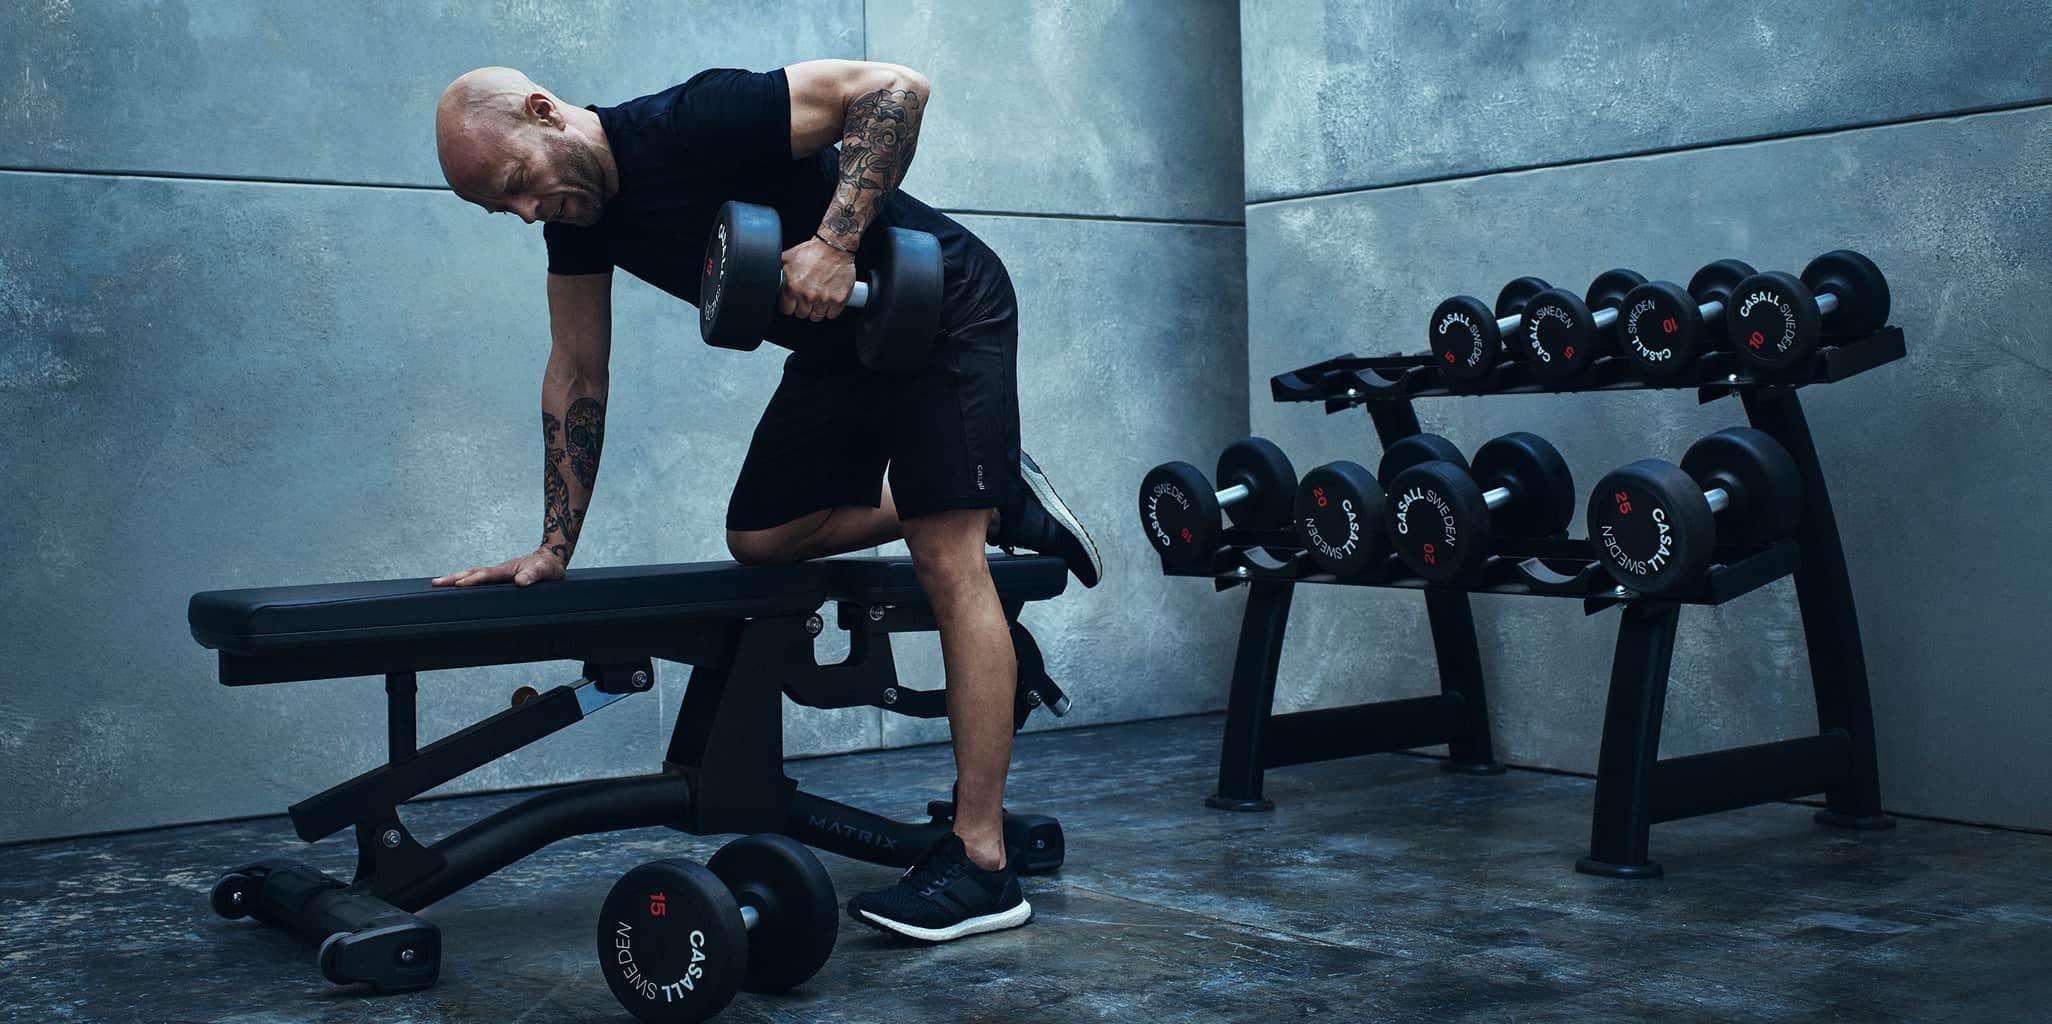 gymutrustning gym träningsutrustning casall pro casall professional matrix träningsredskap gymförvaring förvaring gym